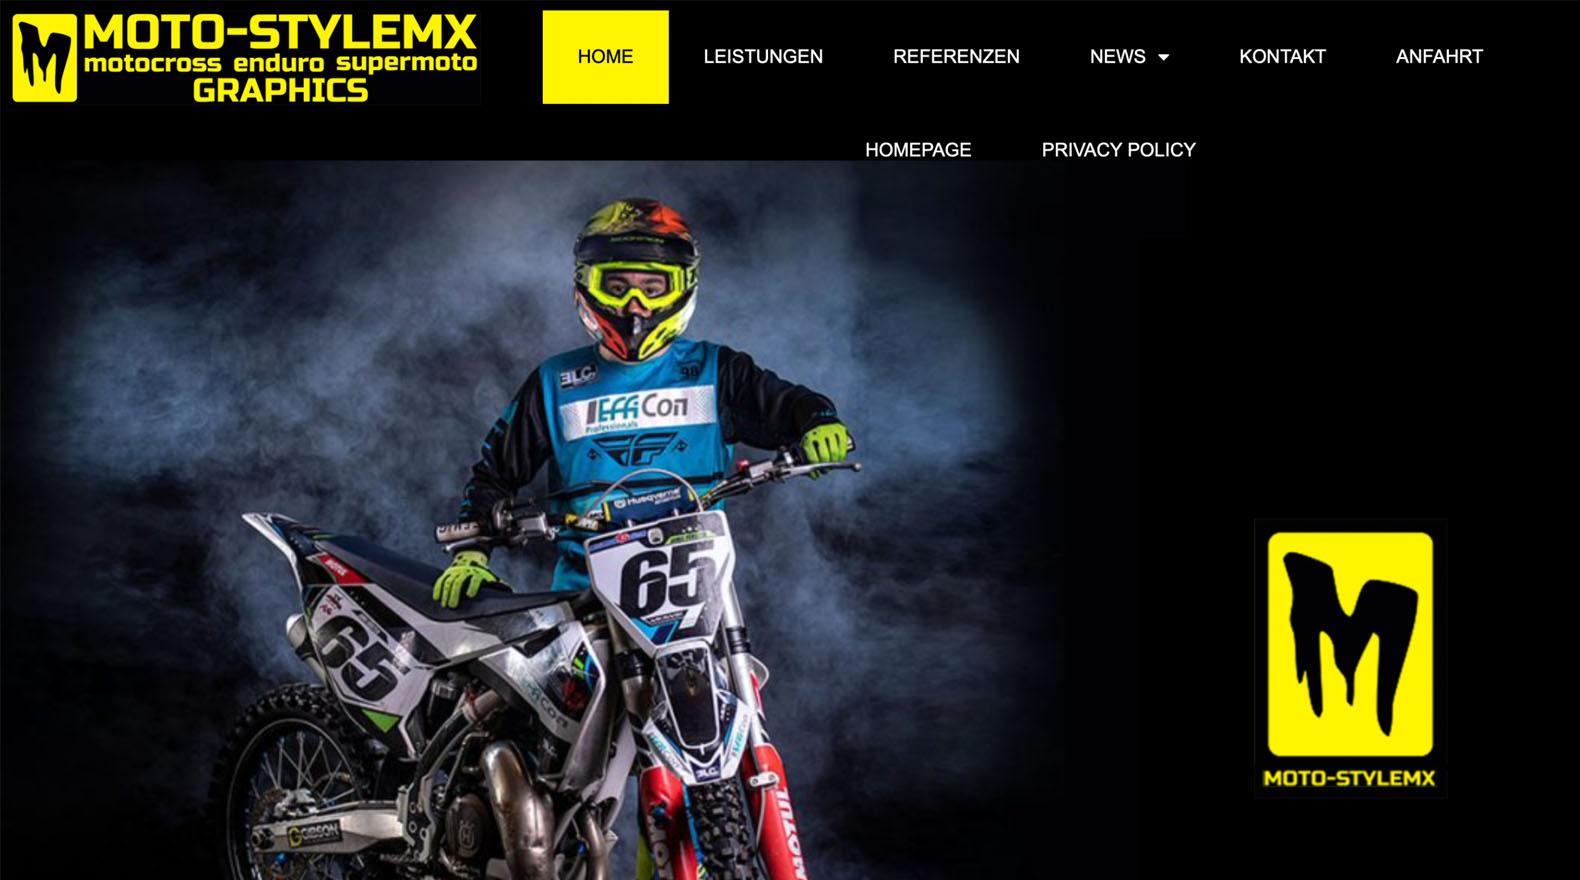 webprojekt-chemnitz-motostyle